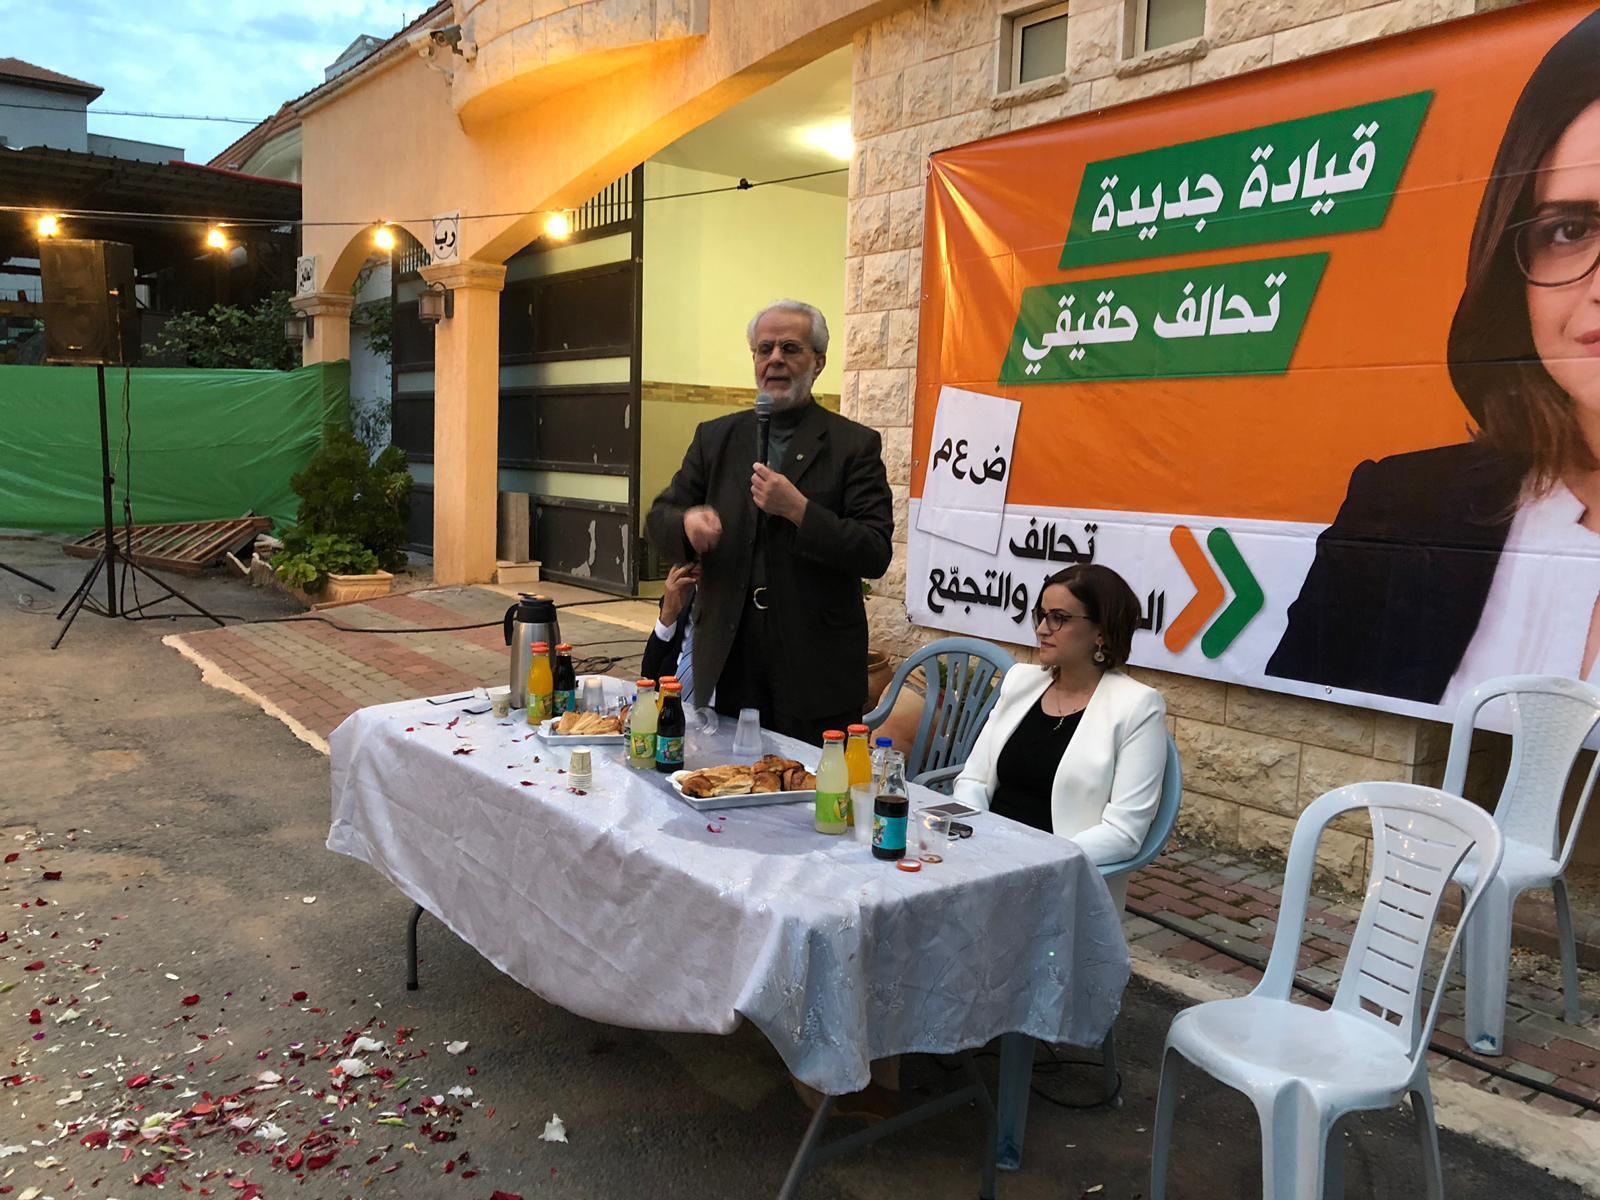 مهرجان انتخابي بالناصرة داعم لتحالف الموحدة والتجمع